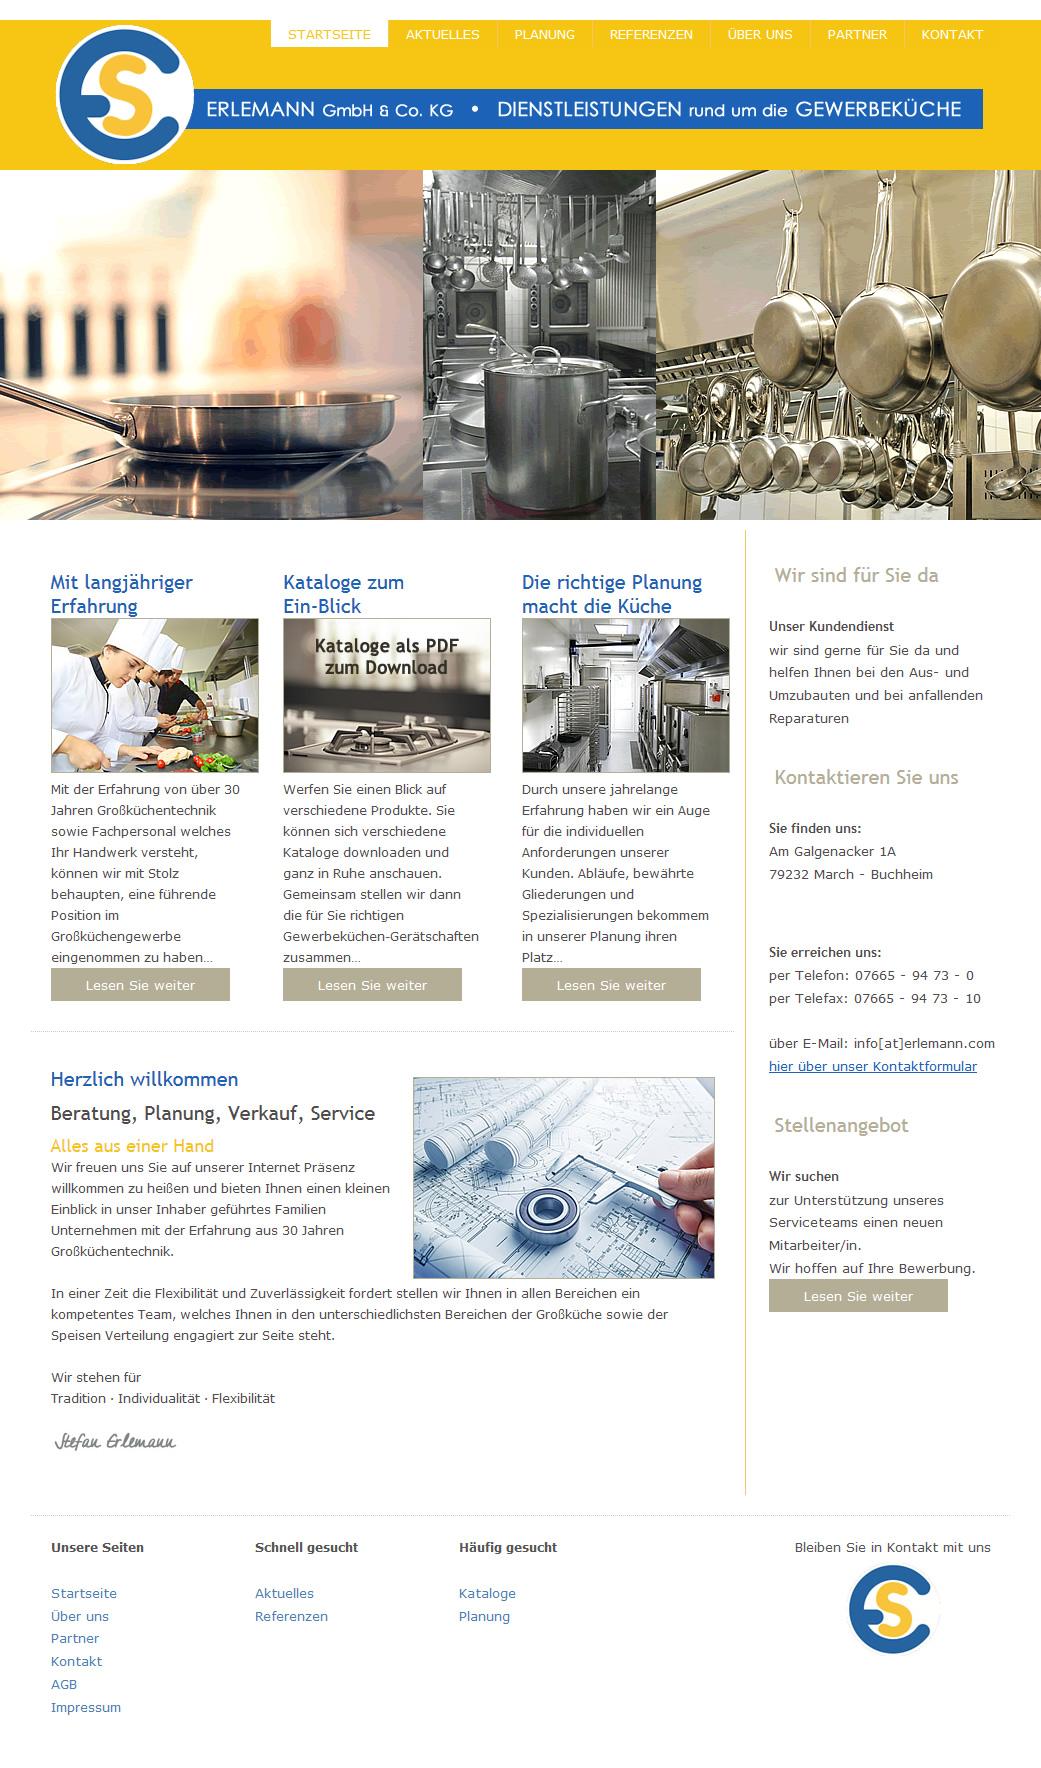 webdesign-freiburg_kunde02-beispiel01